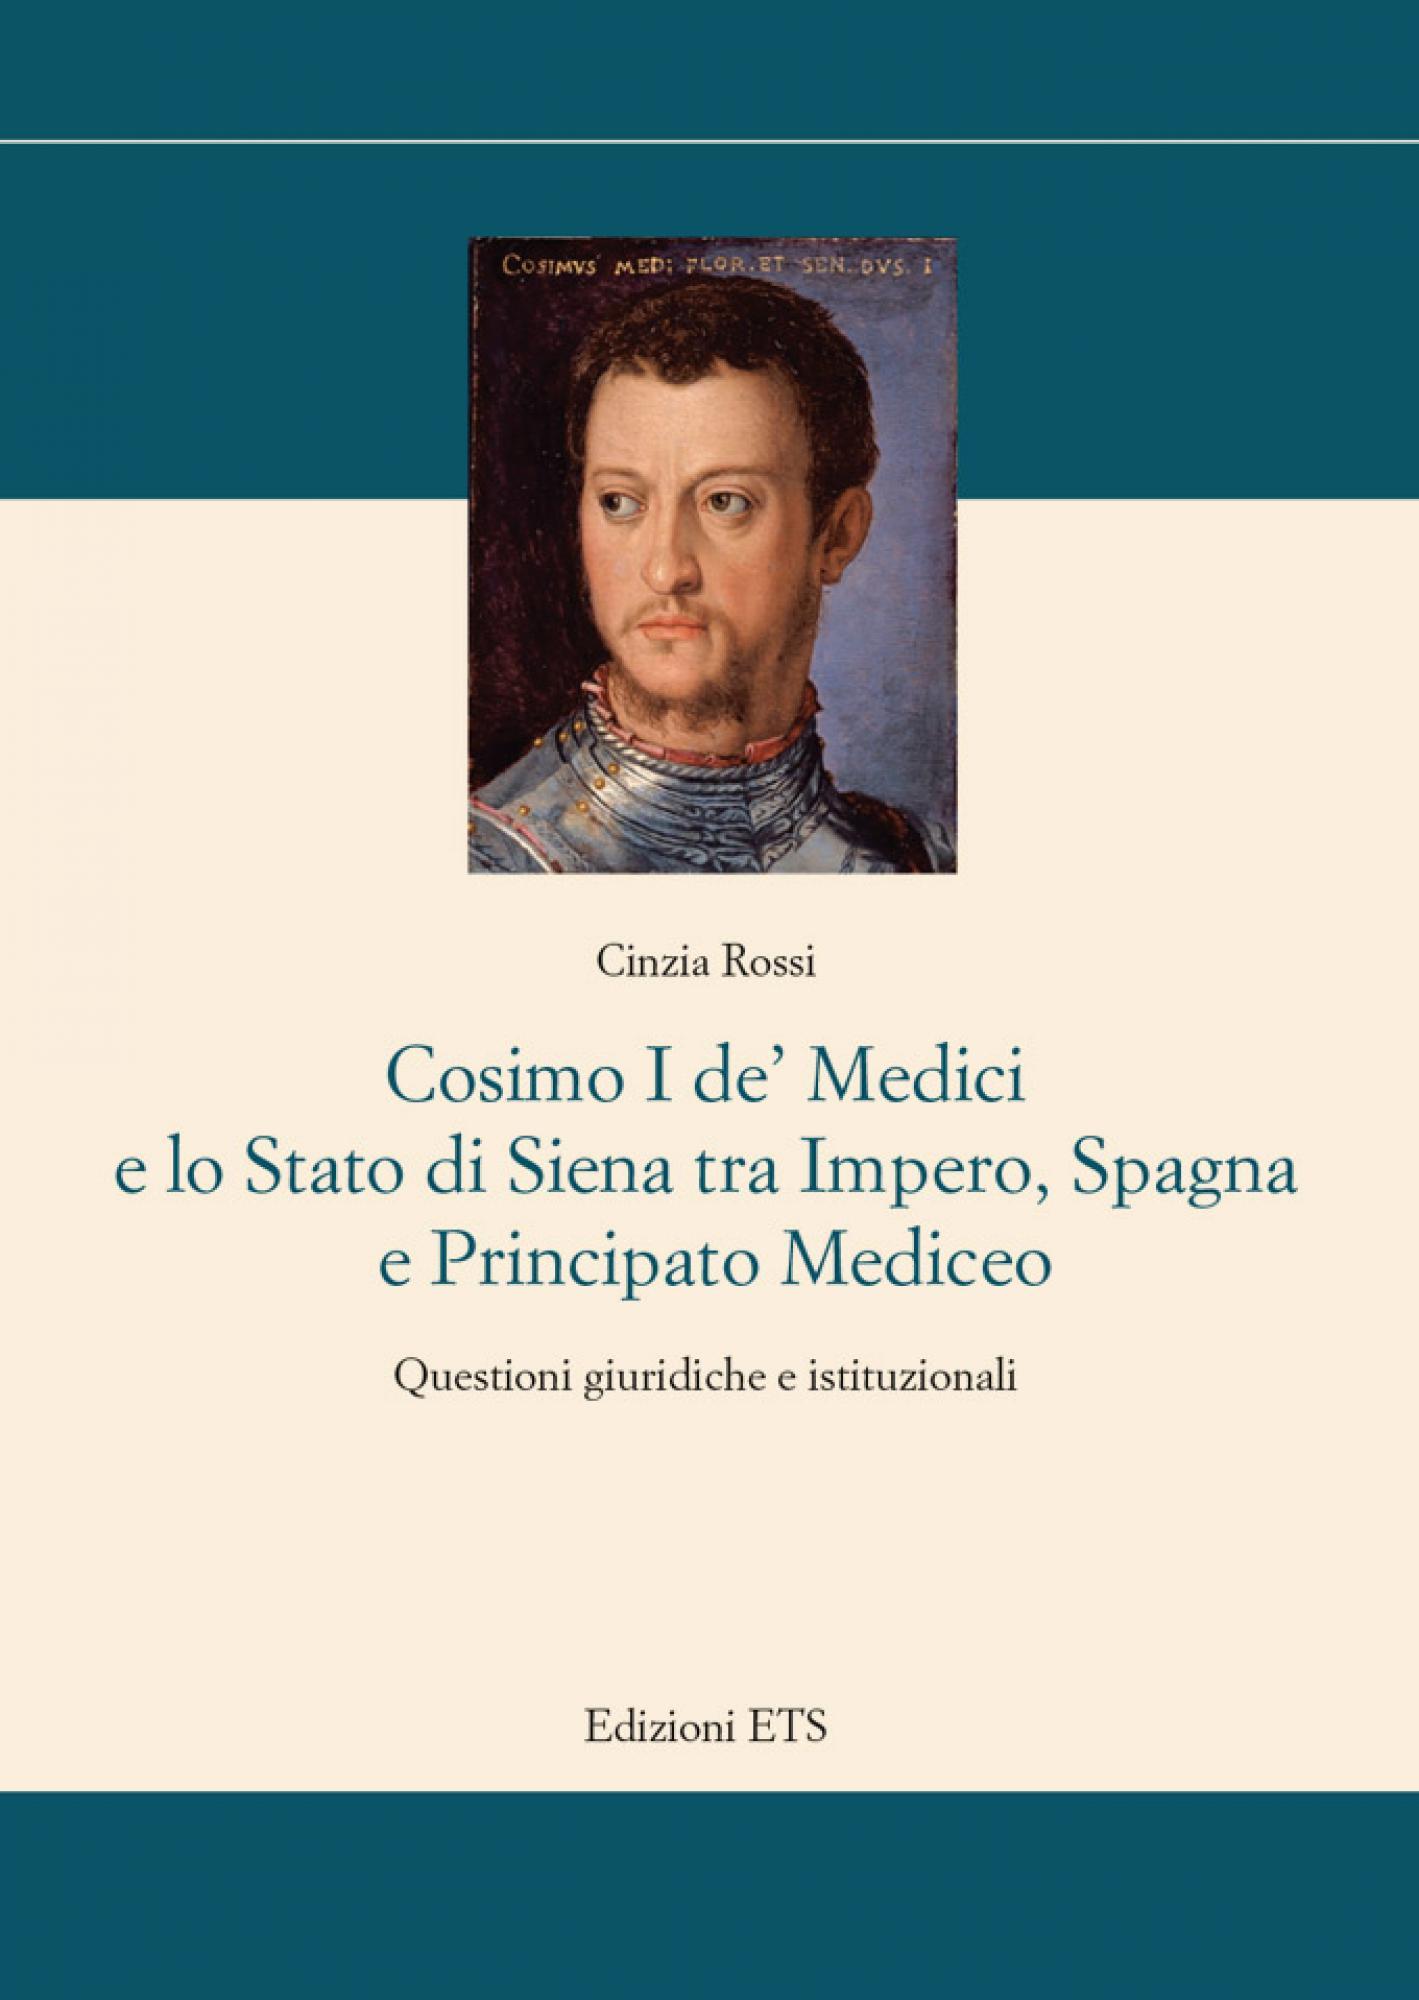 Cosimo I de' Medici e lo Stato di Siena tra Impero, Spagna e Principato Mediceo.Questioni giuridiche e istituzionali